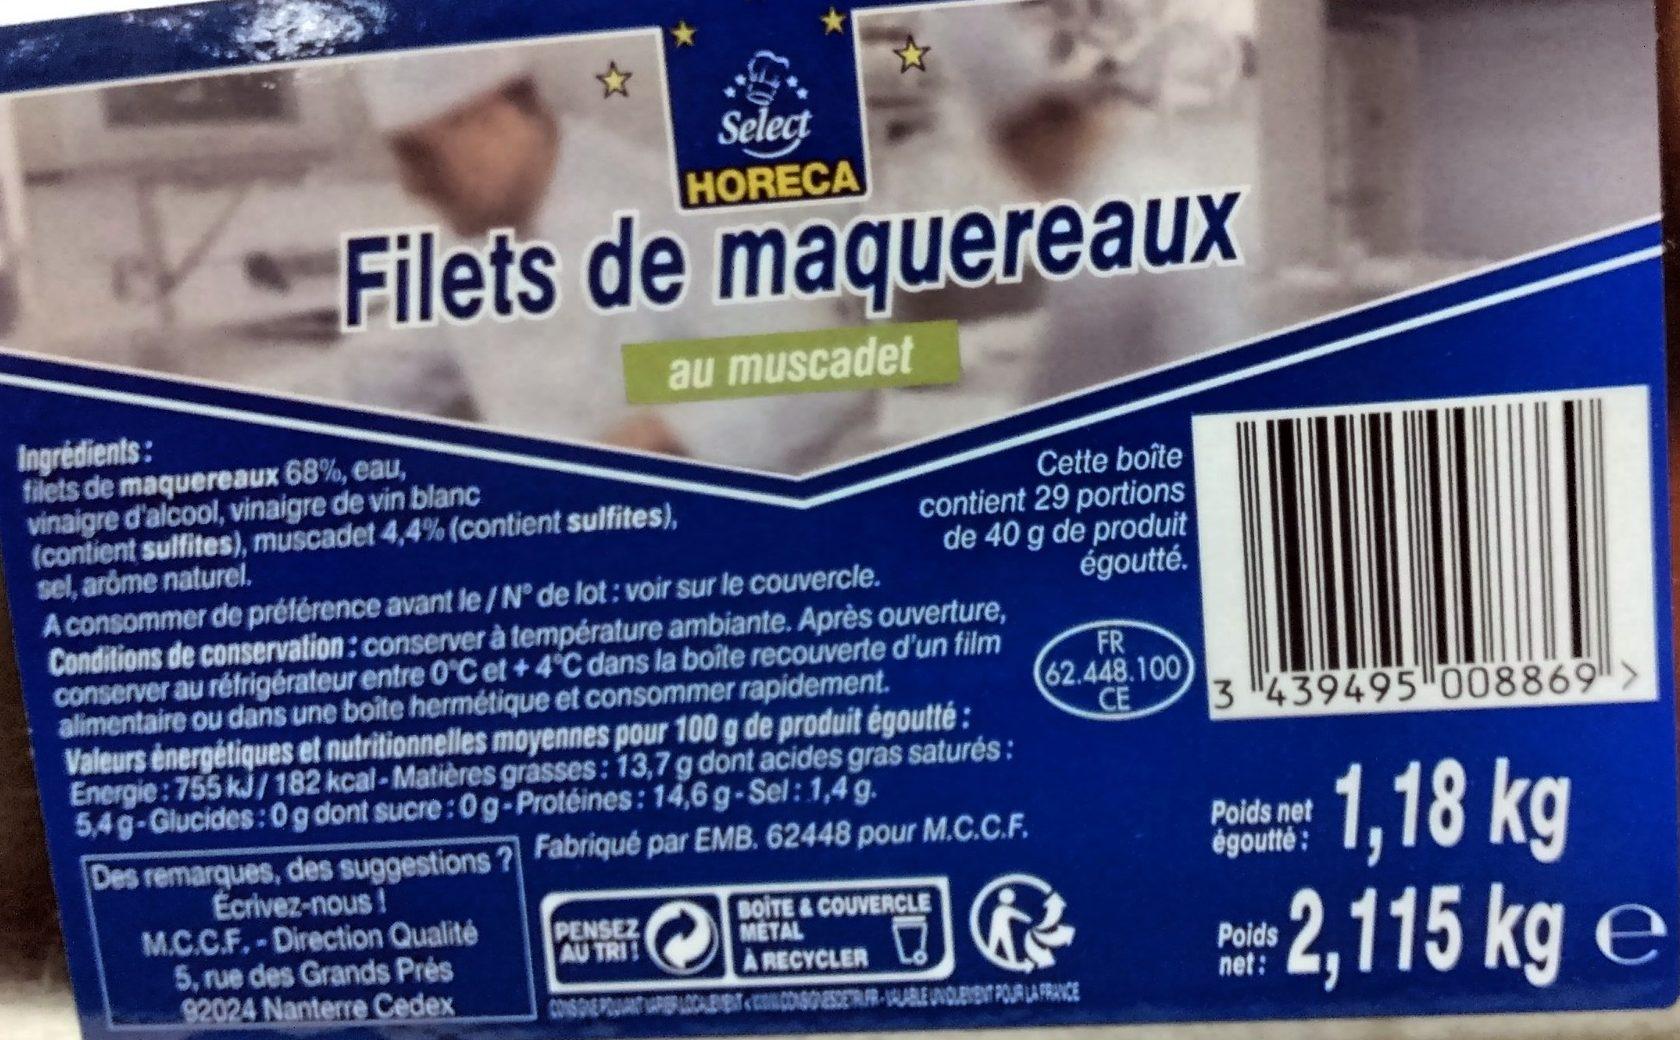 Filets de maquereaux au muscadet - Produit